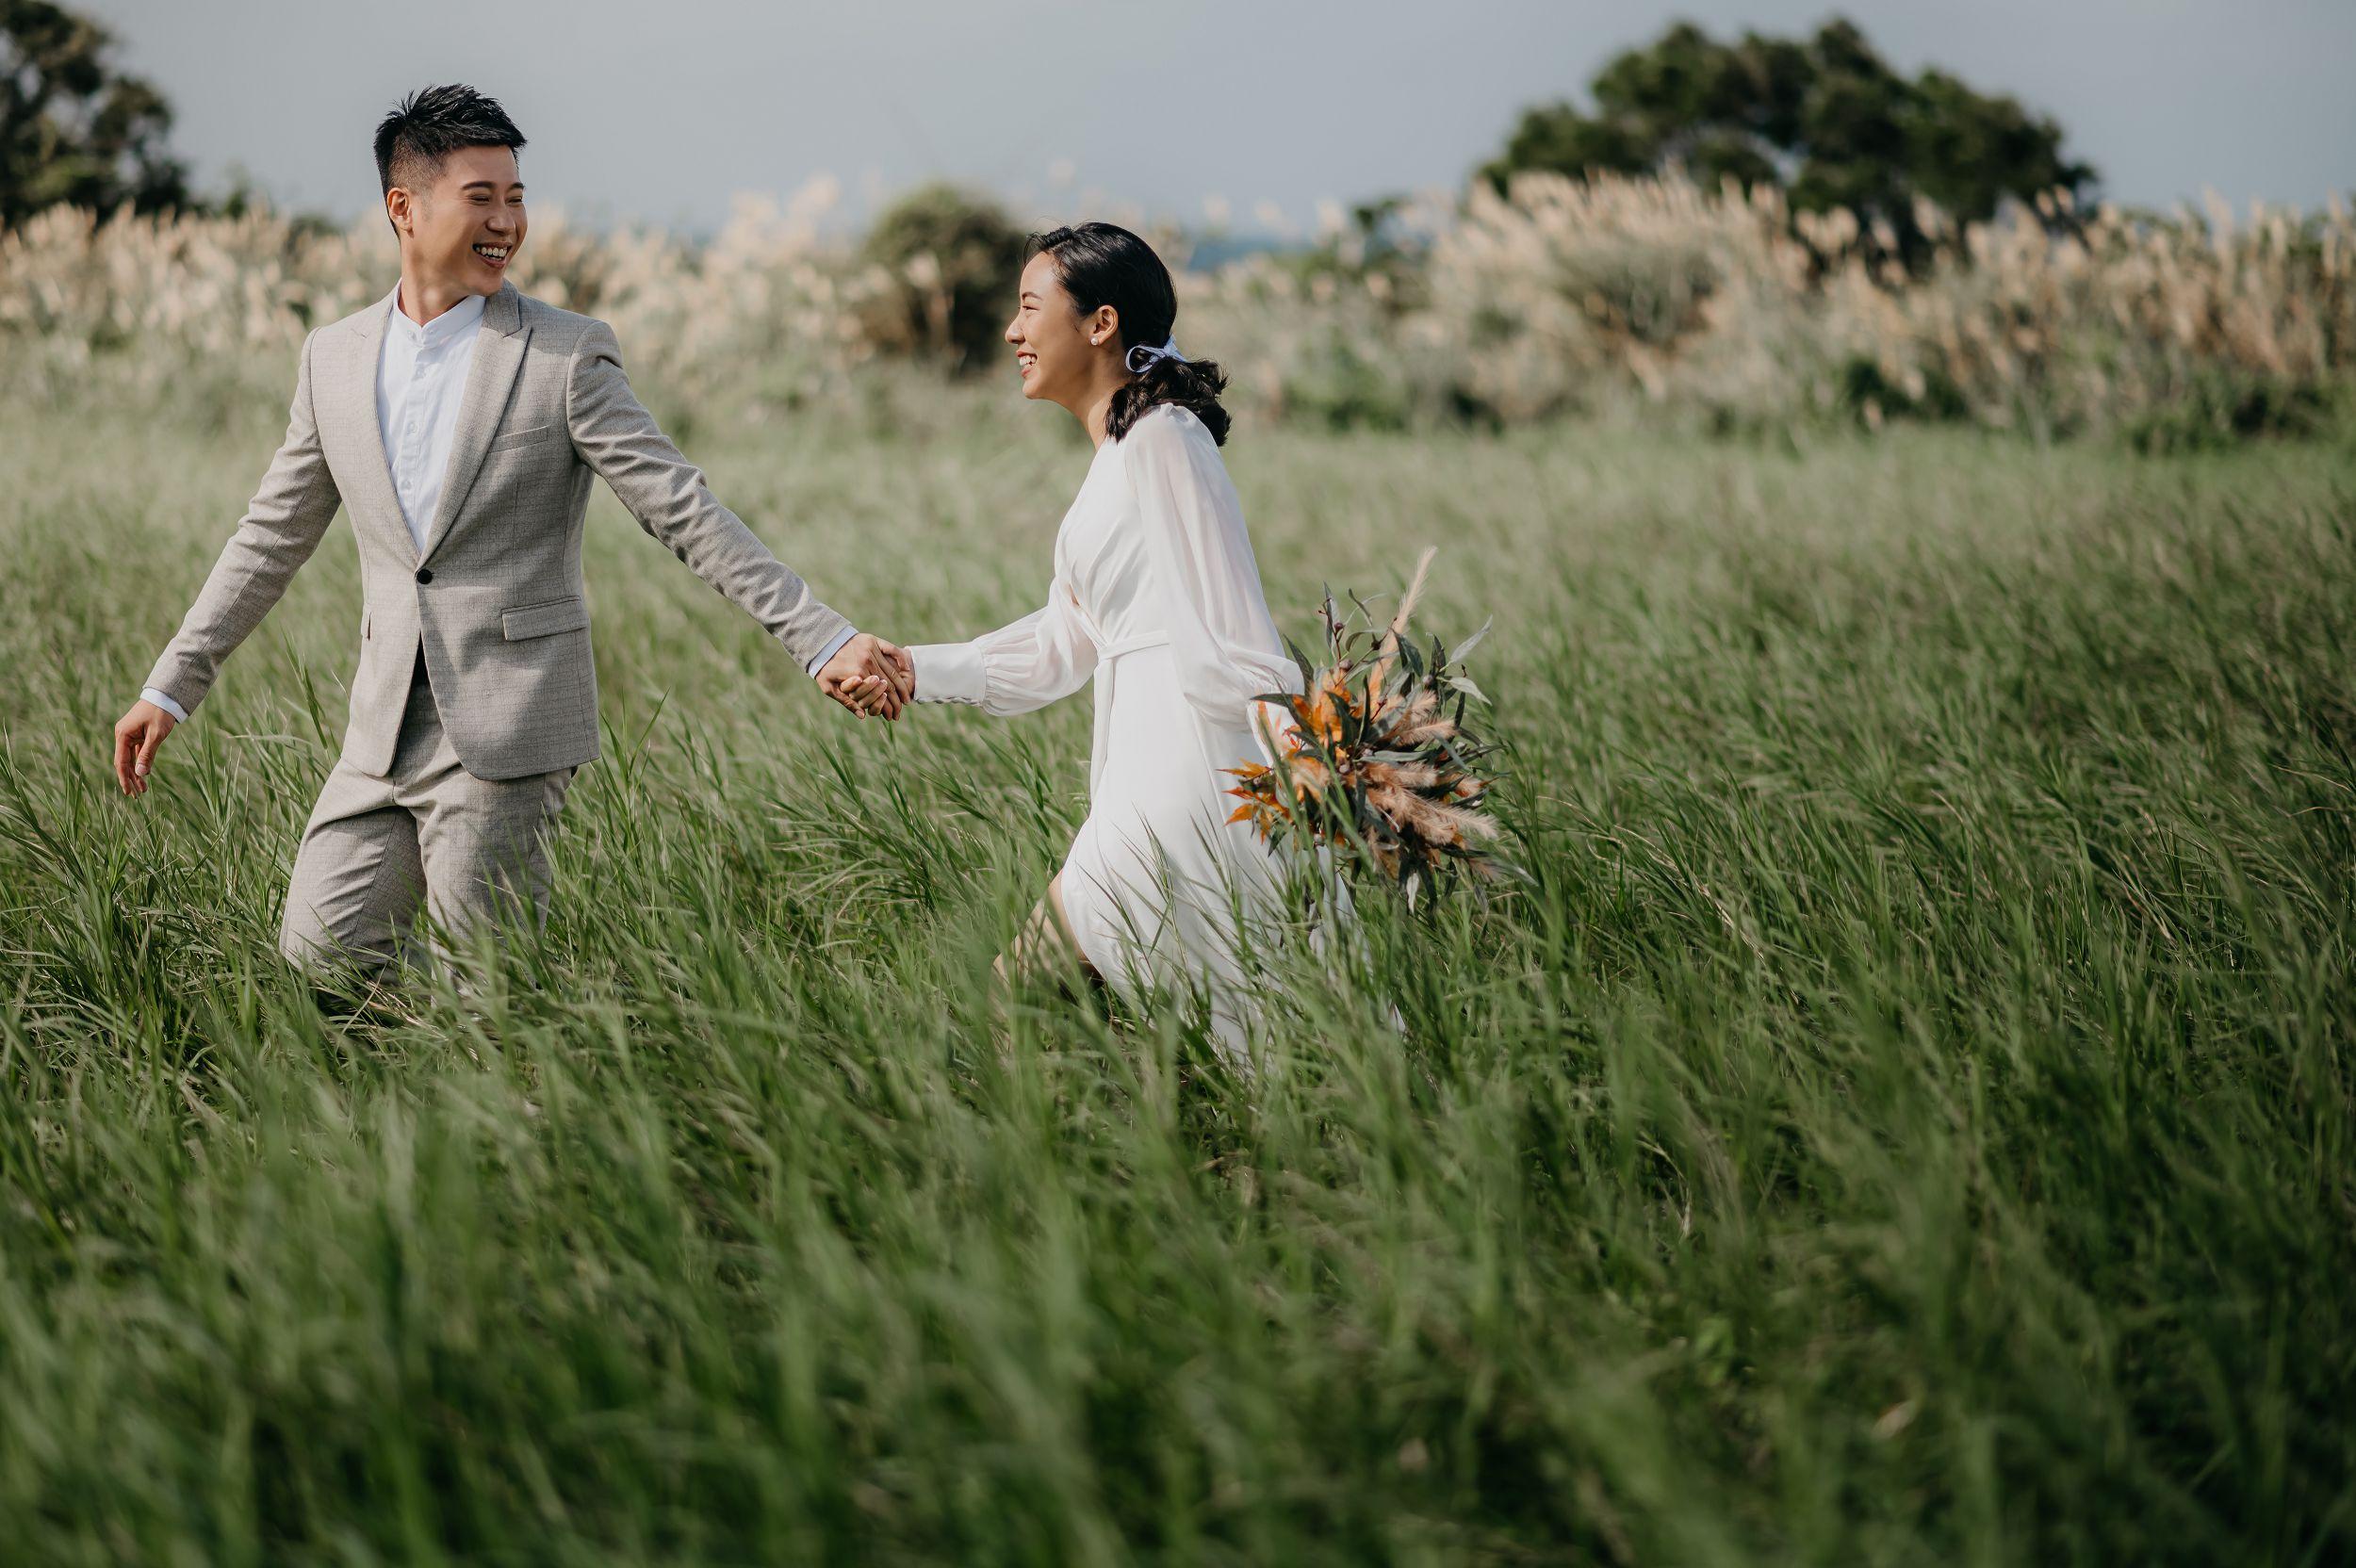 貳月婚紗,攝影師,婚紗外拍,婚紗包套,造型師,台北婚紗,淡水,海邊,故宮,白紗,西服,美式婚紗,